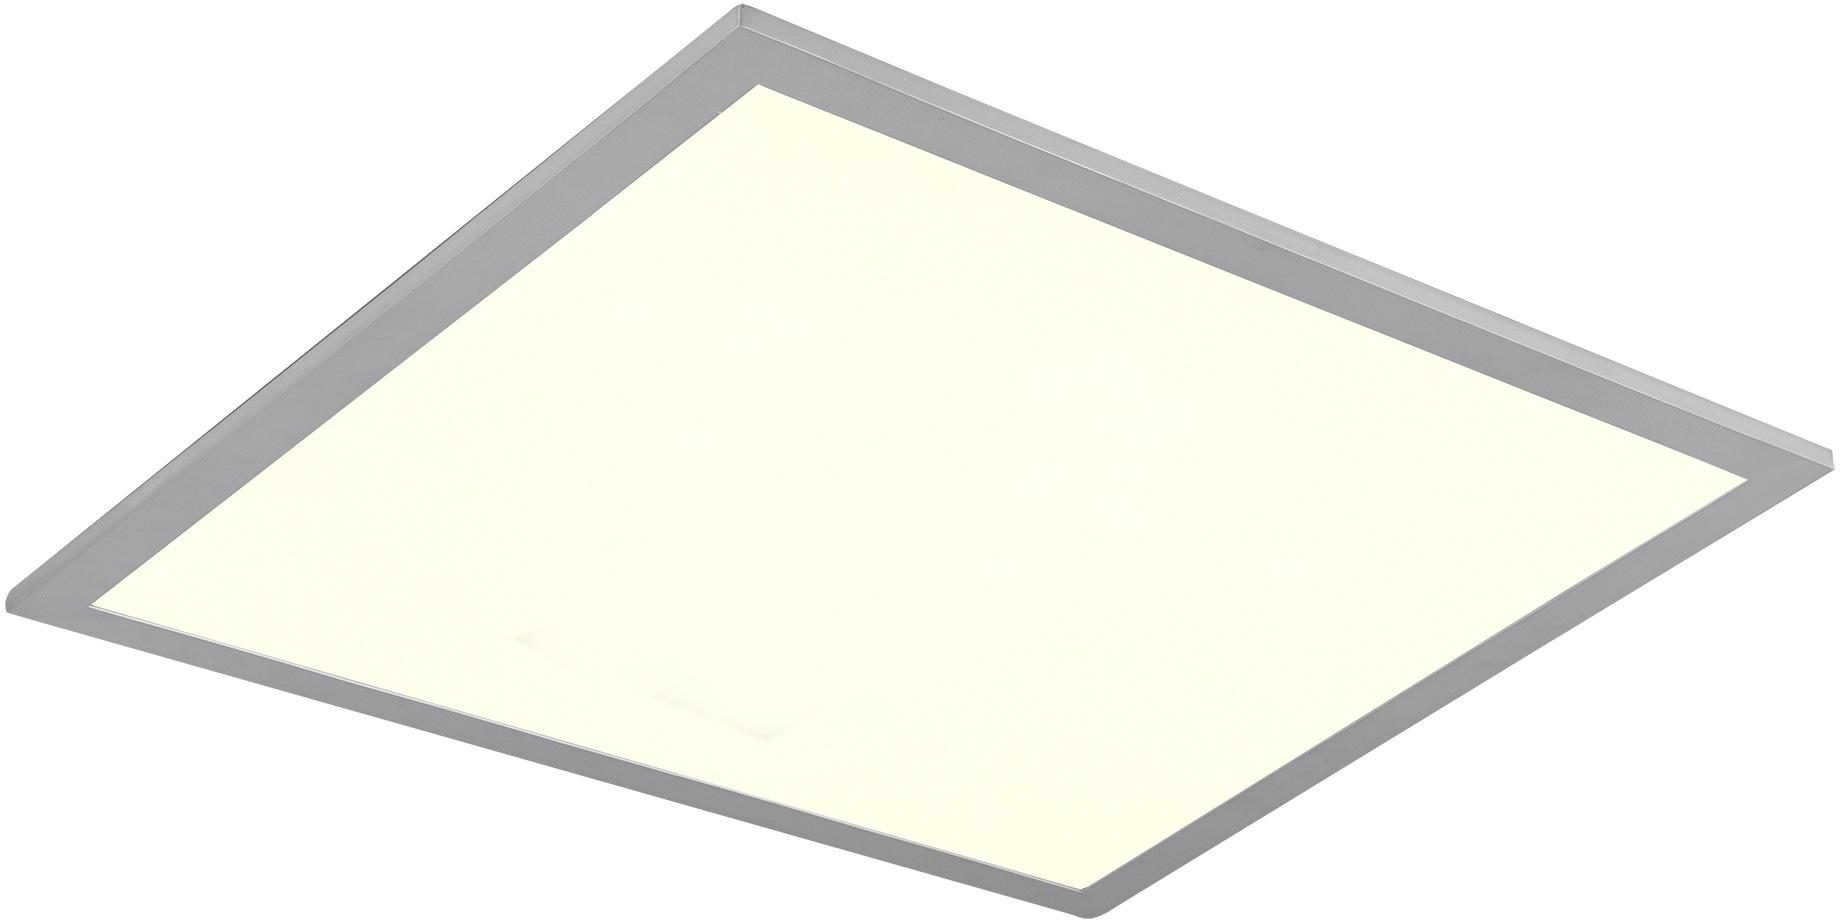 TRIO Leuchten LED Deckenleuchte ALIMA, LED-Board, 1 St., Farbwechsler, LED Deckenlampe